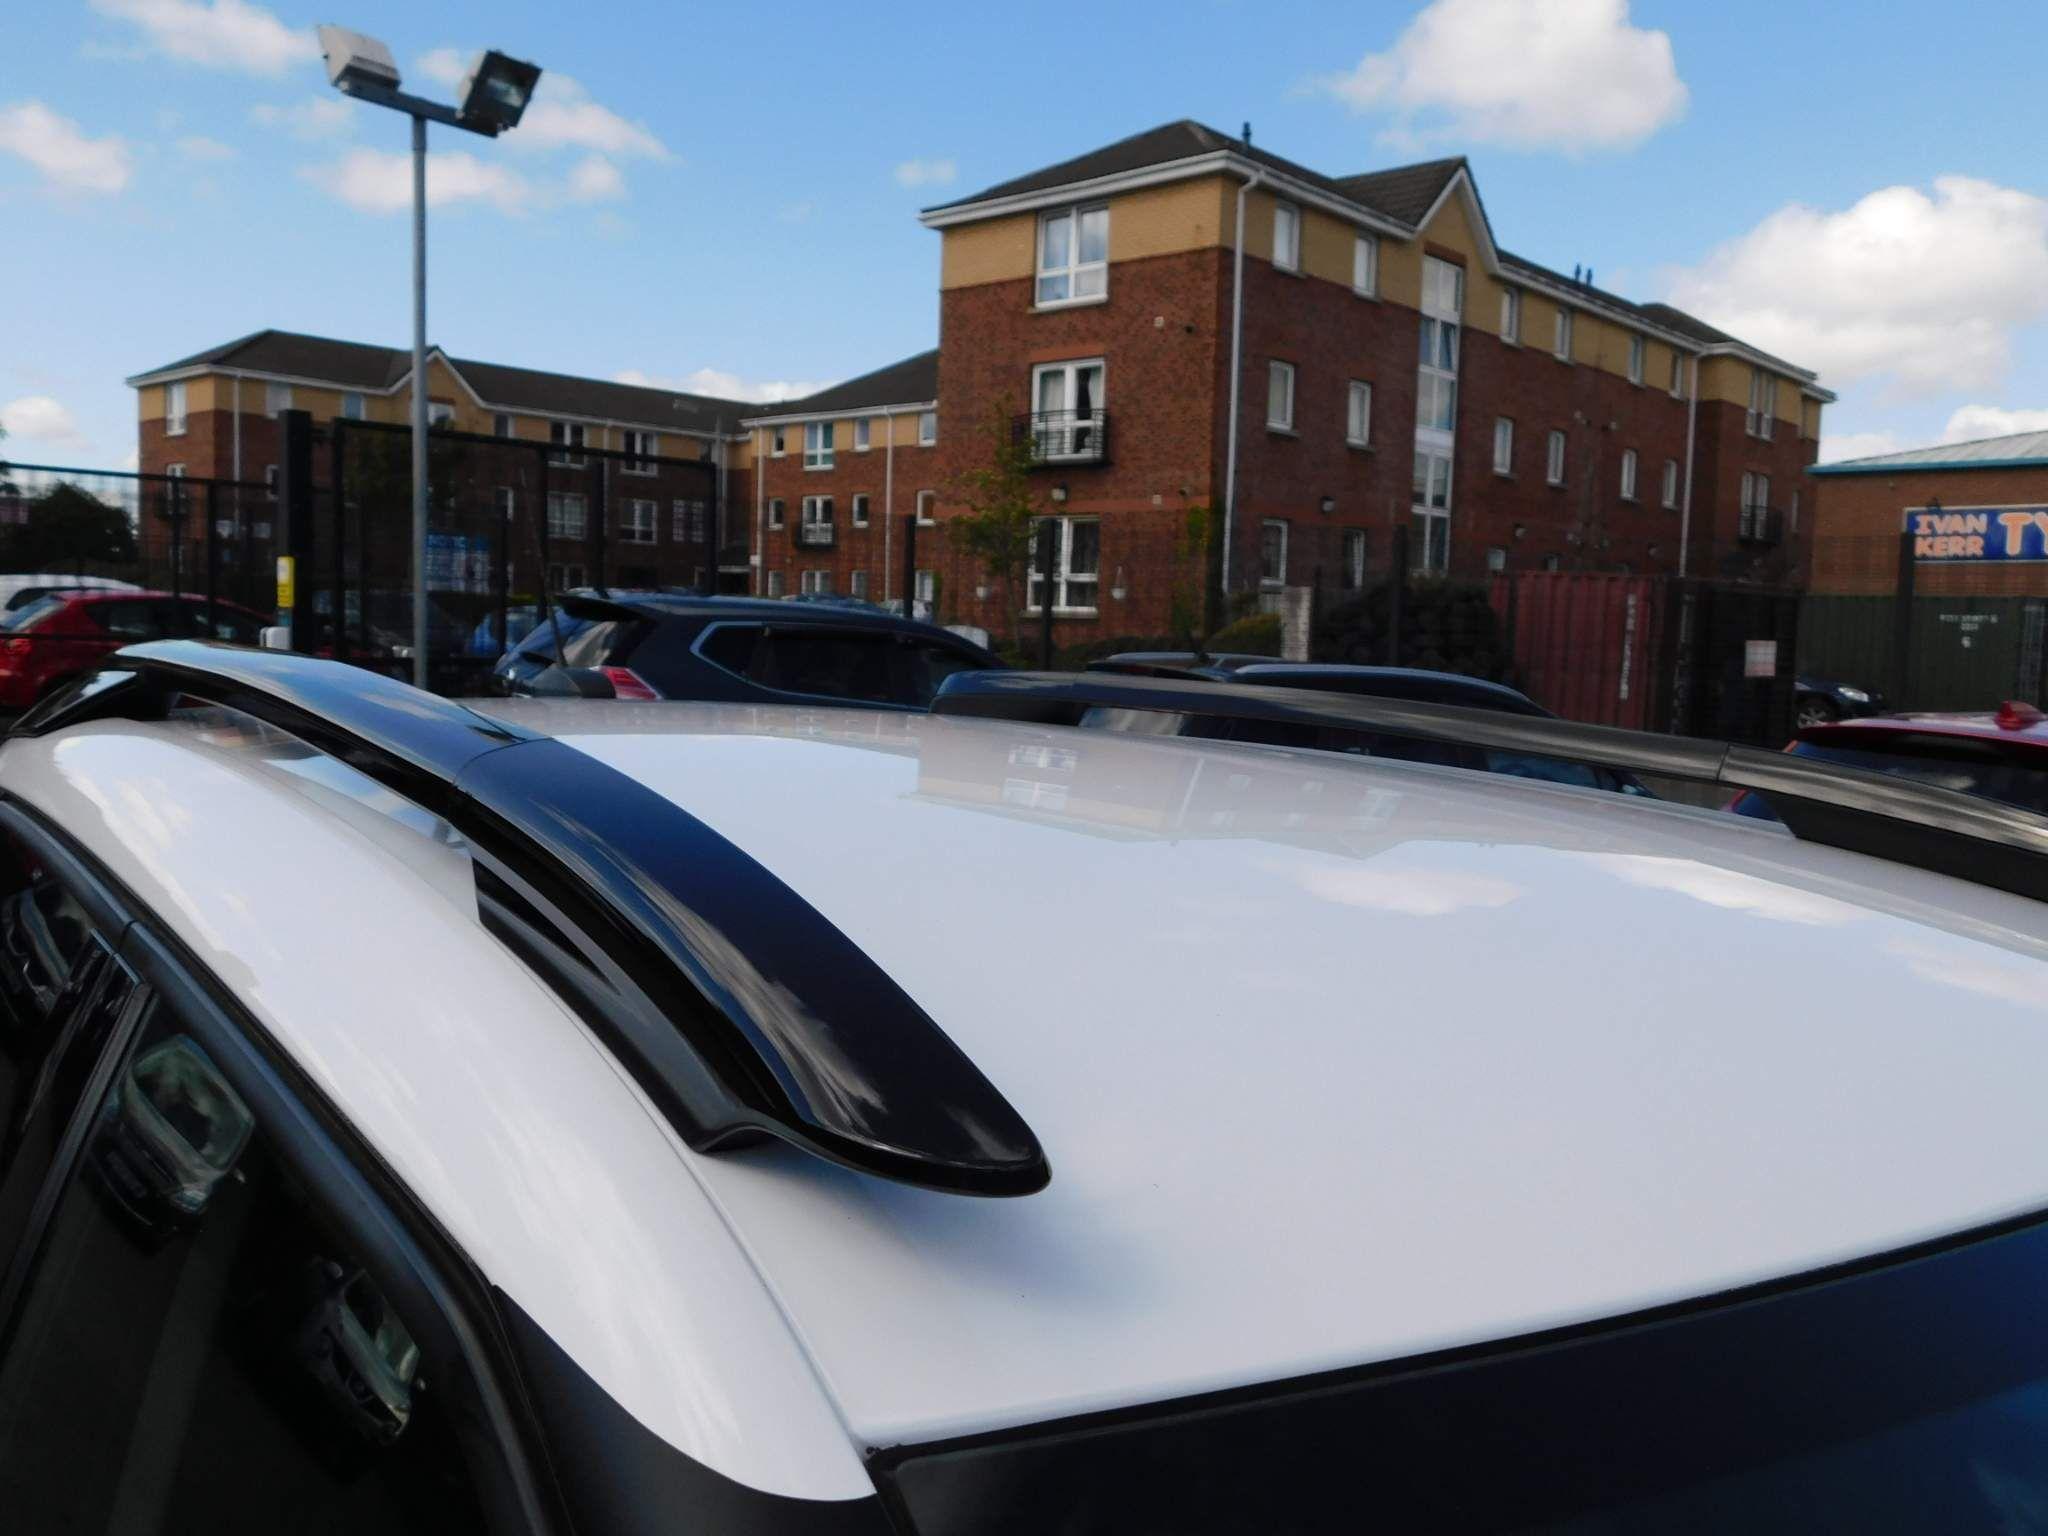 2018 CITROEN C3 Aircross 1.2 PureTech Flair Petrol Manual just arrived – Meadow Cars Carrickfergus full